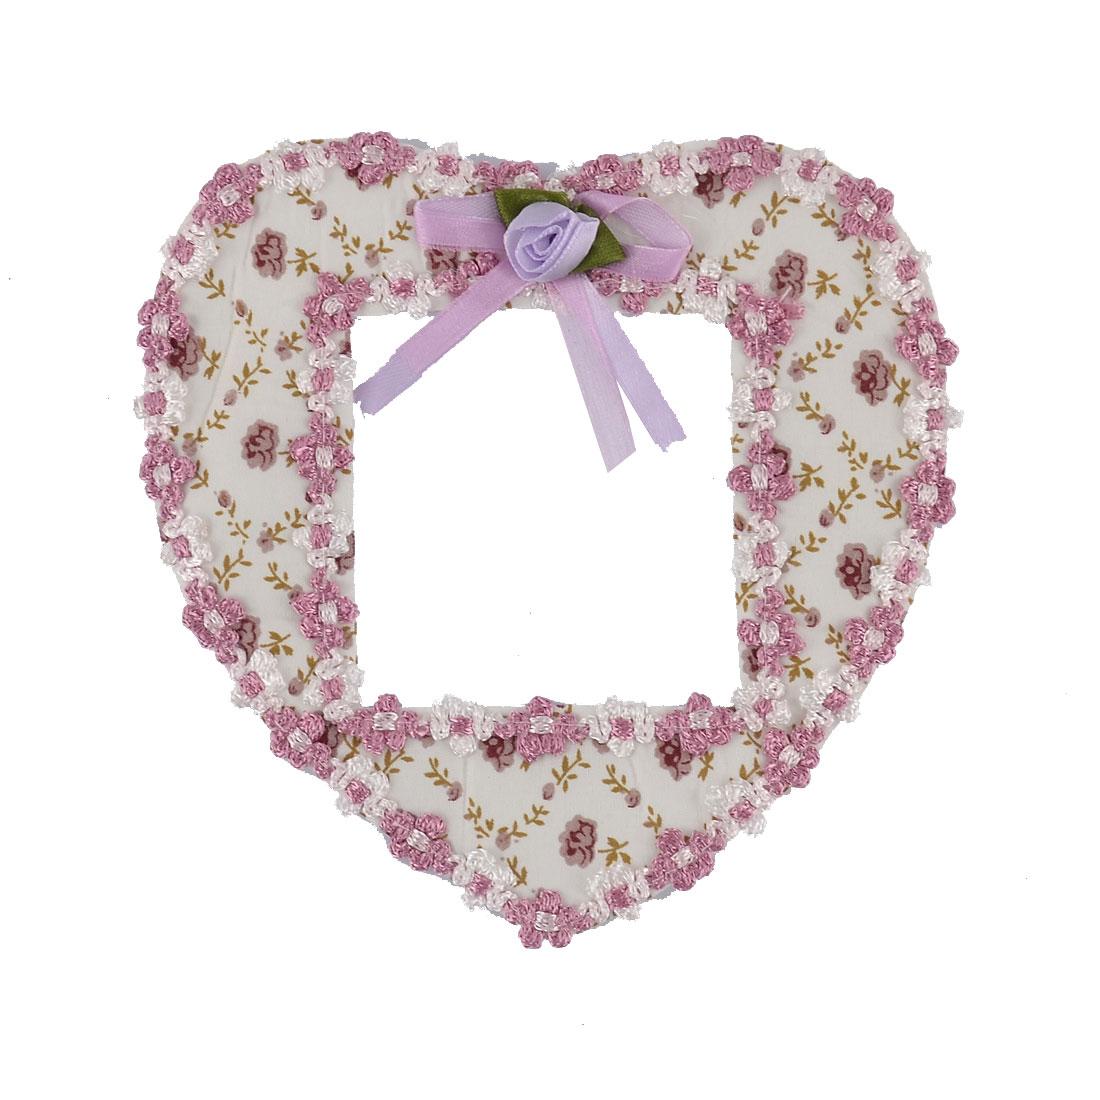 Cotton Flower Pattern Heart Shaped Bedroom Wall Switch Sticker White Purple